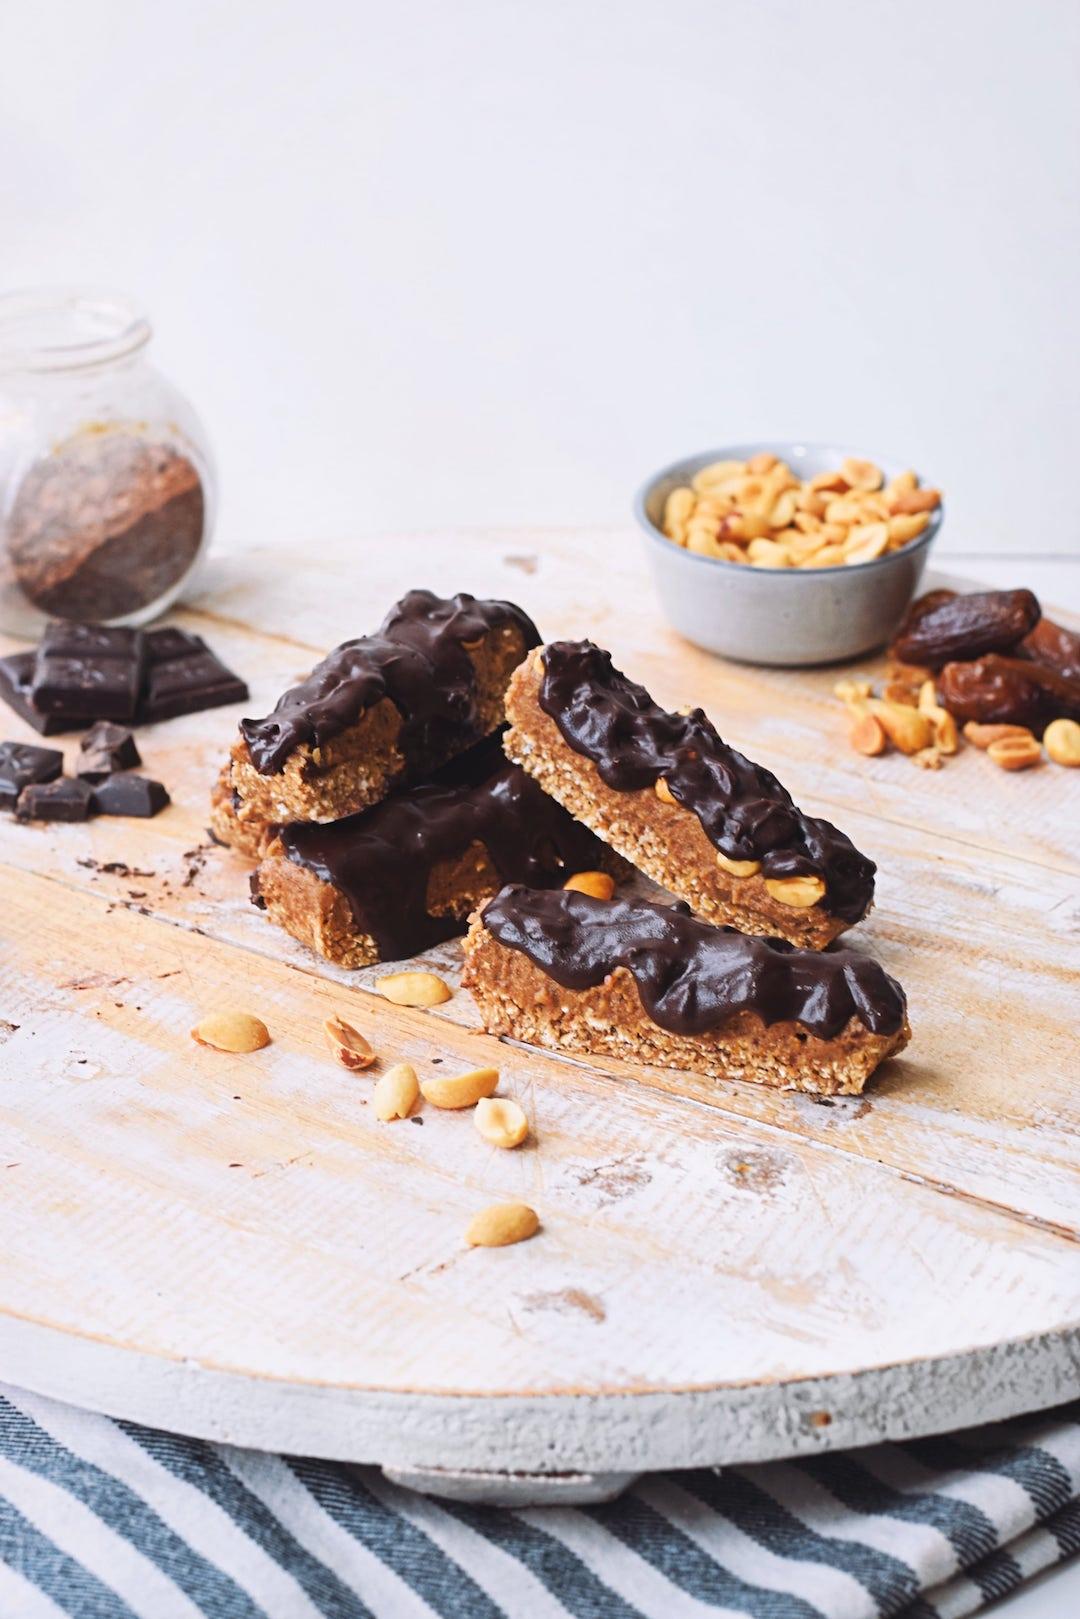 Eiwitrijke vegan snickers   Verantwoord snack recept